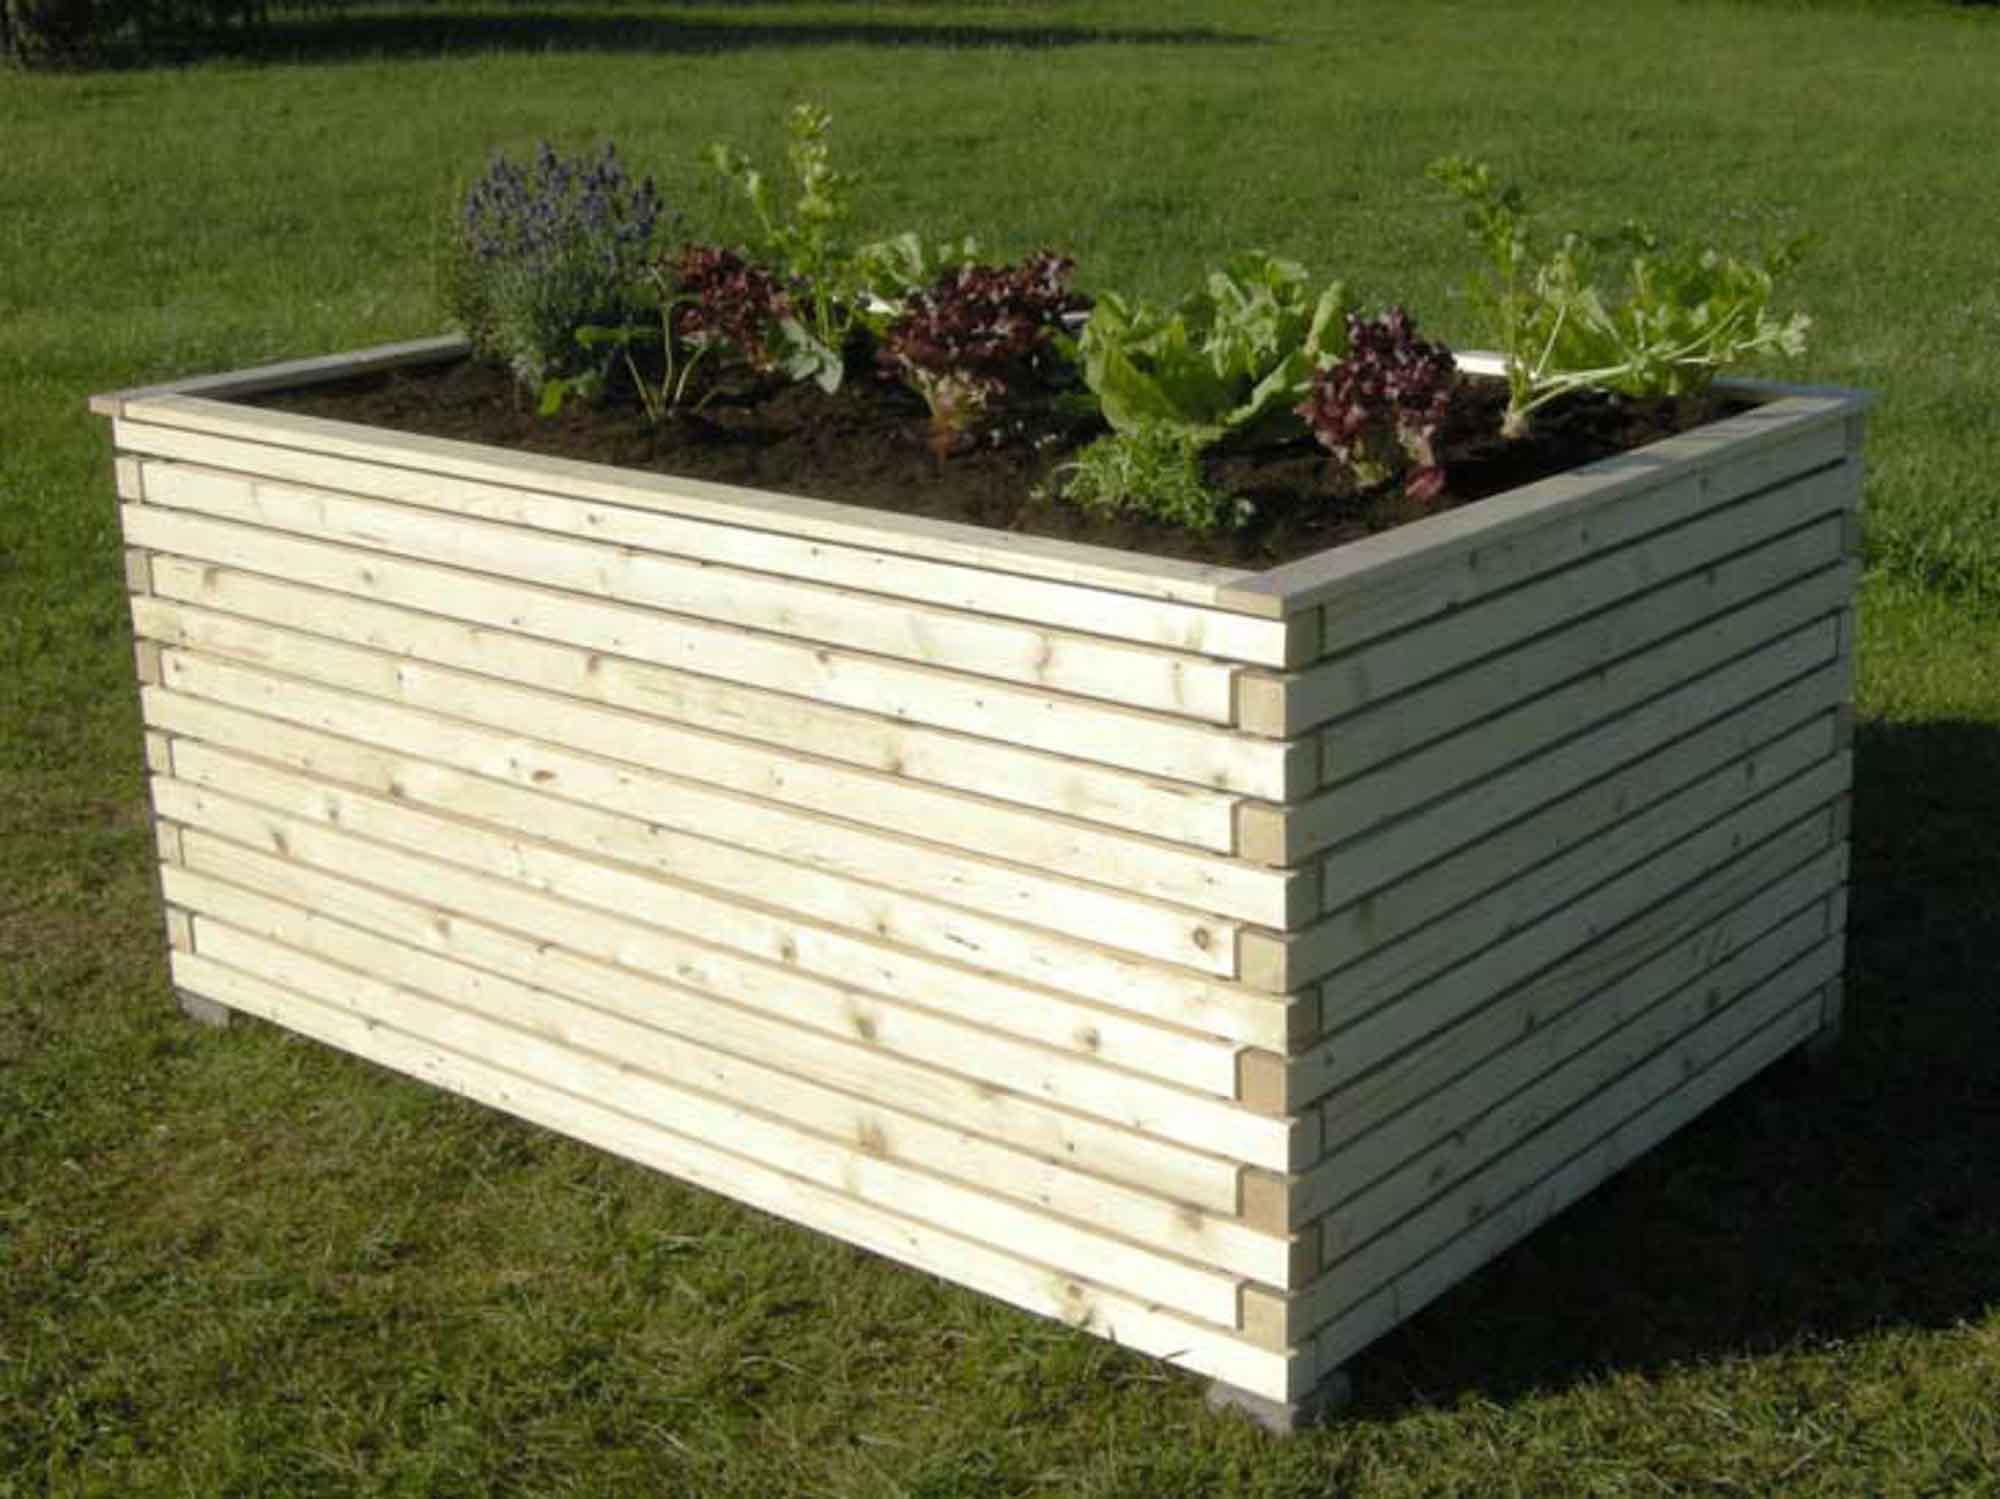 hochbeet zum selberbauen aus l rchenholz roh oder vorbearbeitet. Black Bedroom Furniture Sets. Home Design Ideas